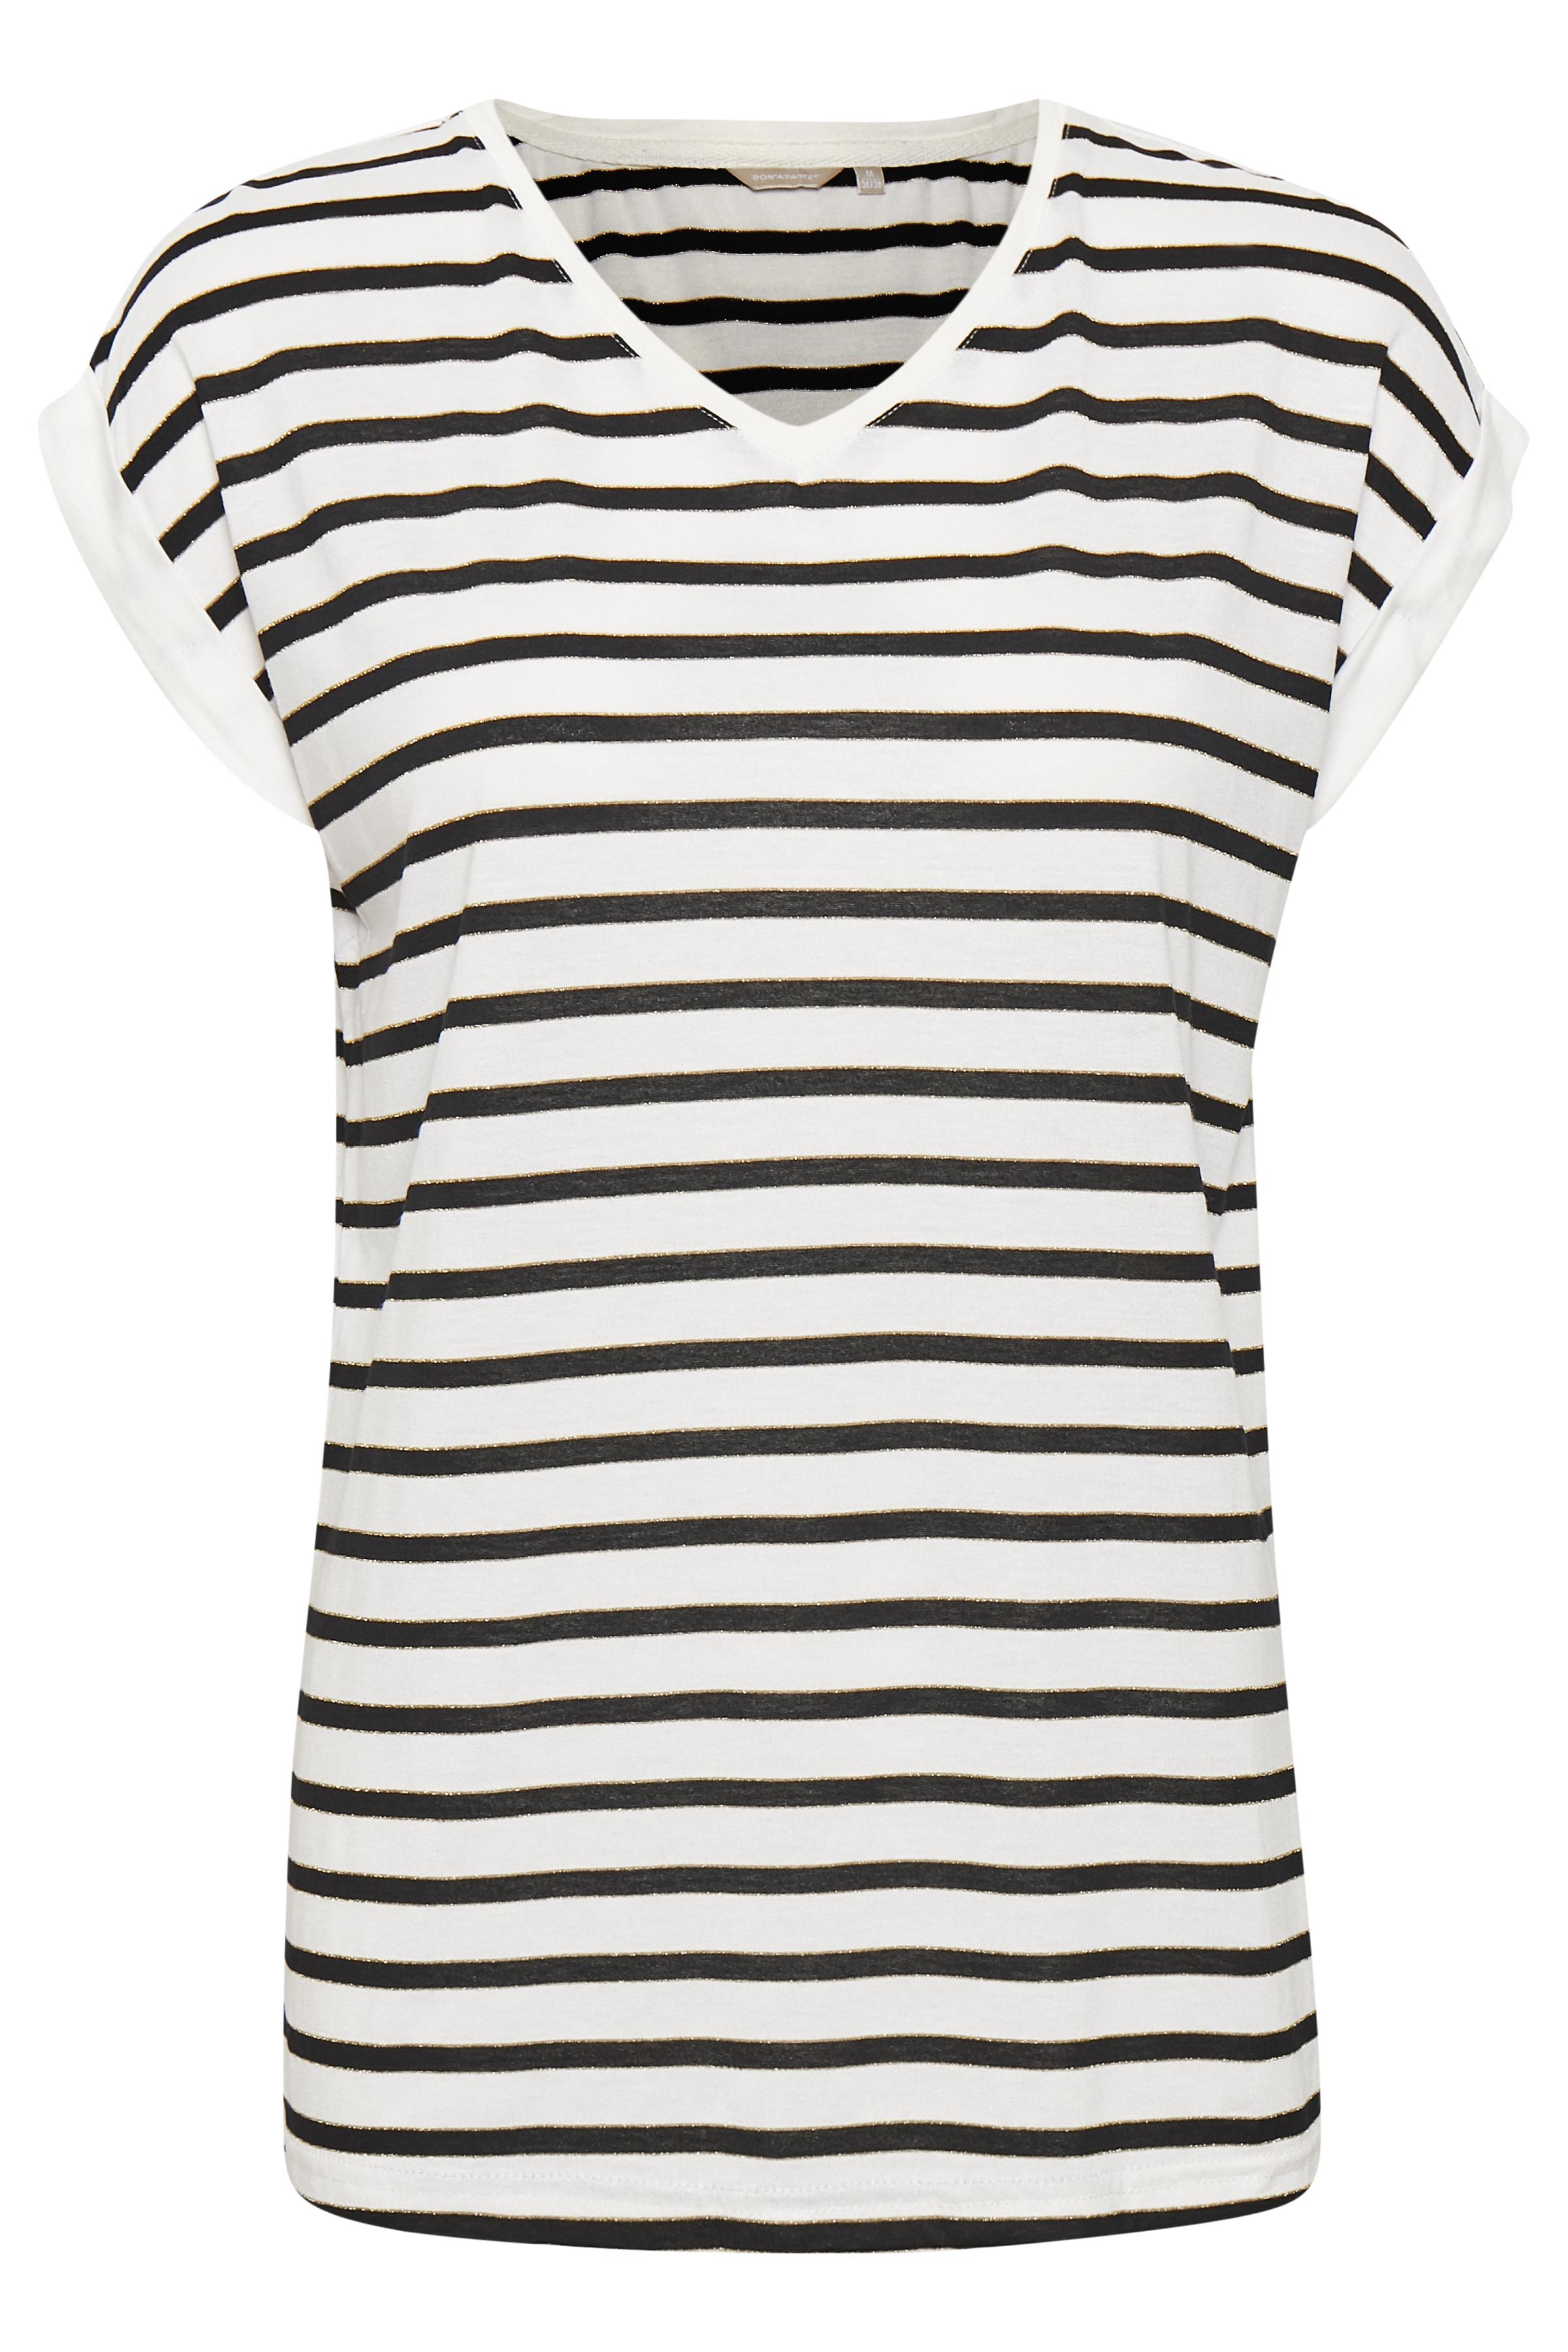 Wollweiß/marineblau Kurzarm-Shirt von Bon'A Parte – Shoppen Sie Wollweiß/marineblau Kurzarm-Shirt ab Gr. S-2XL hier